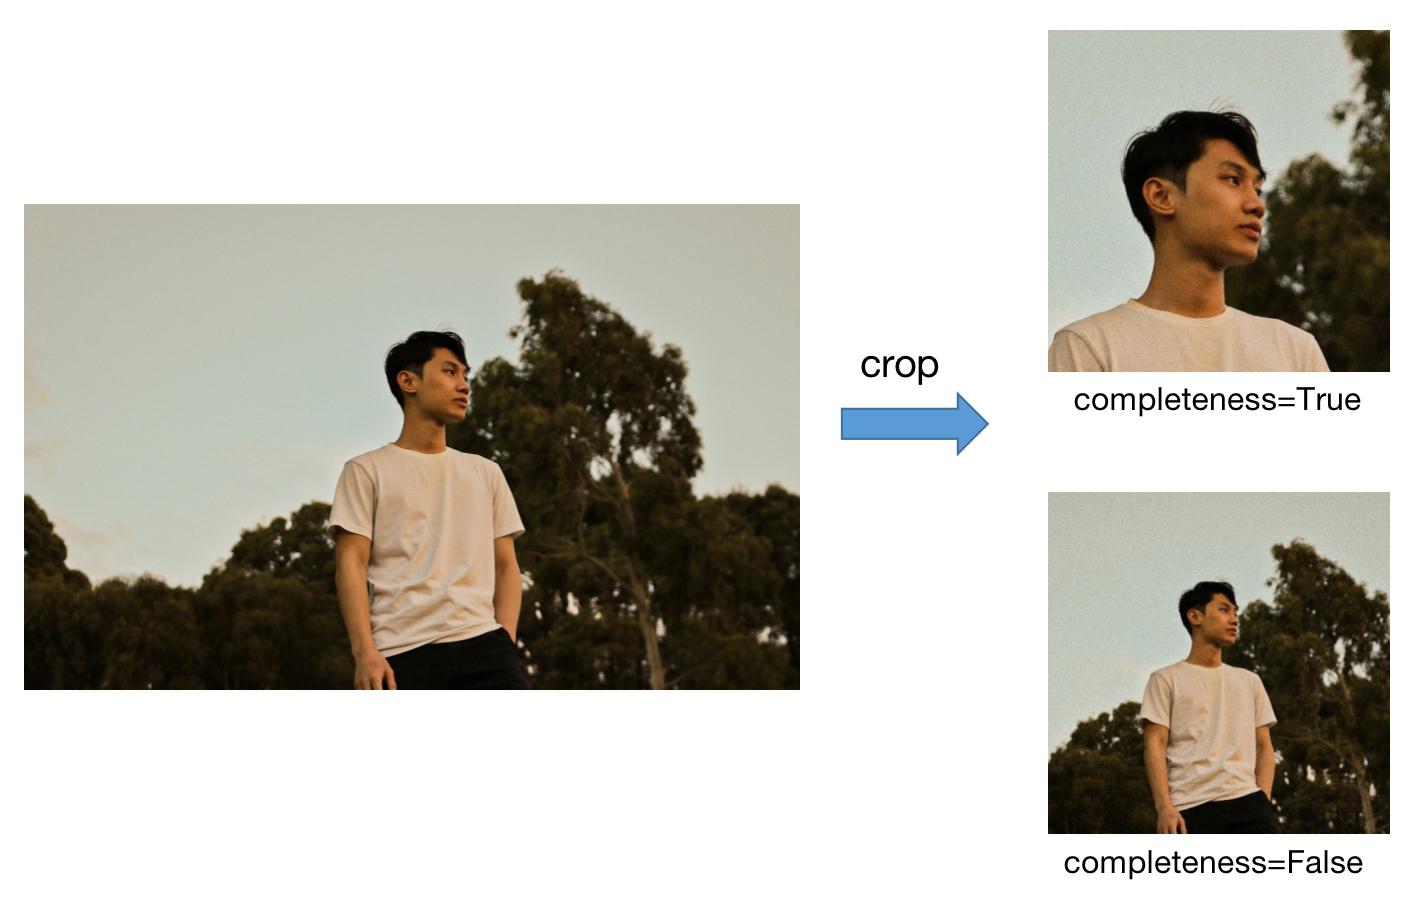 [crop]